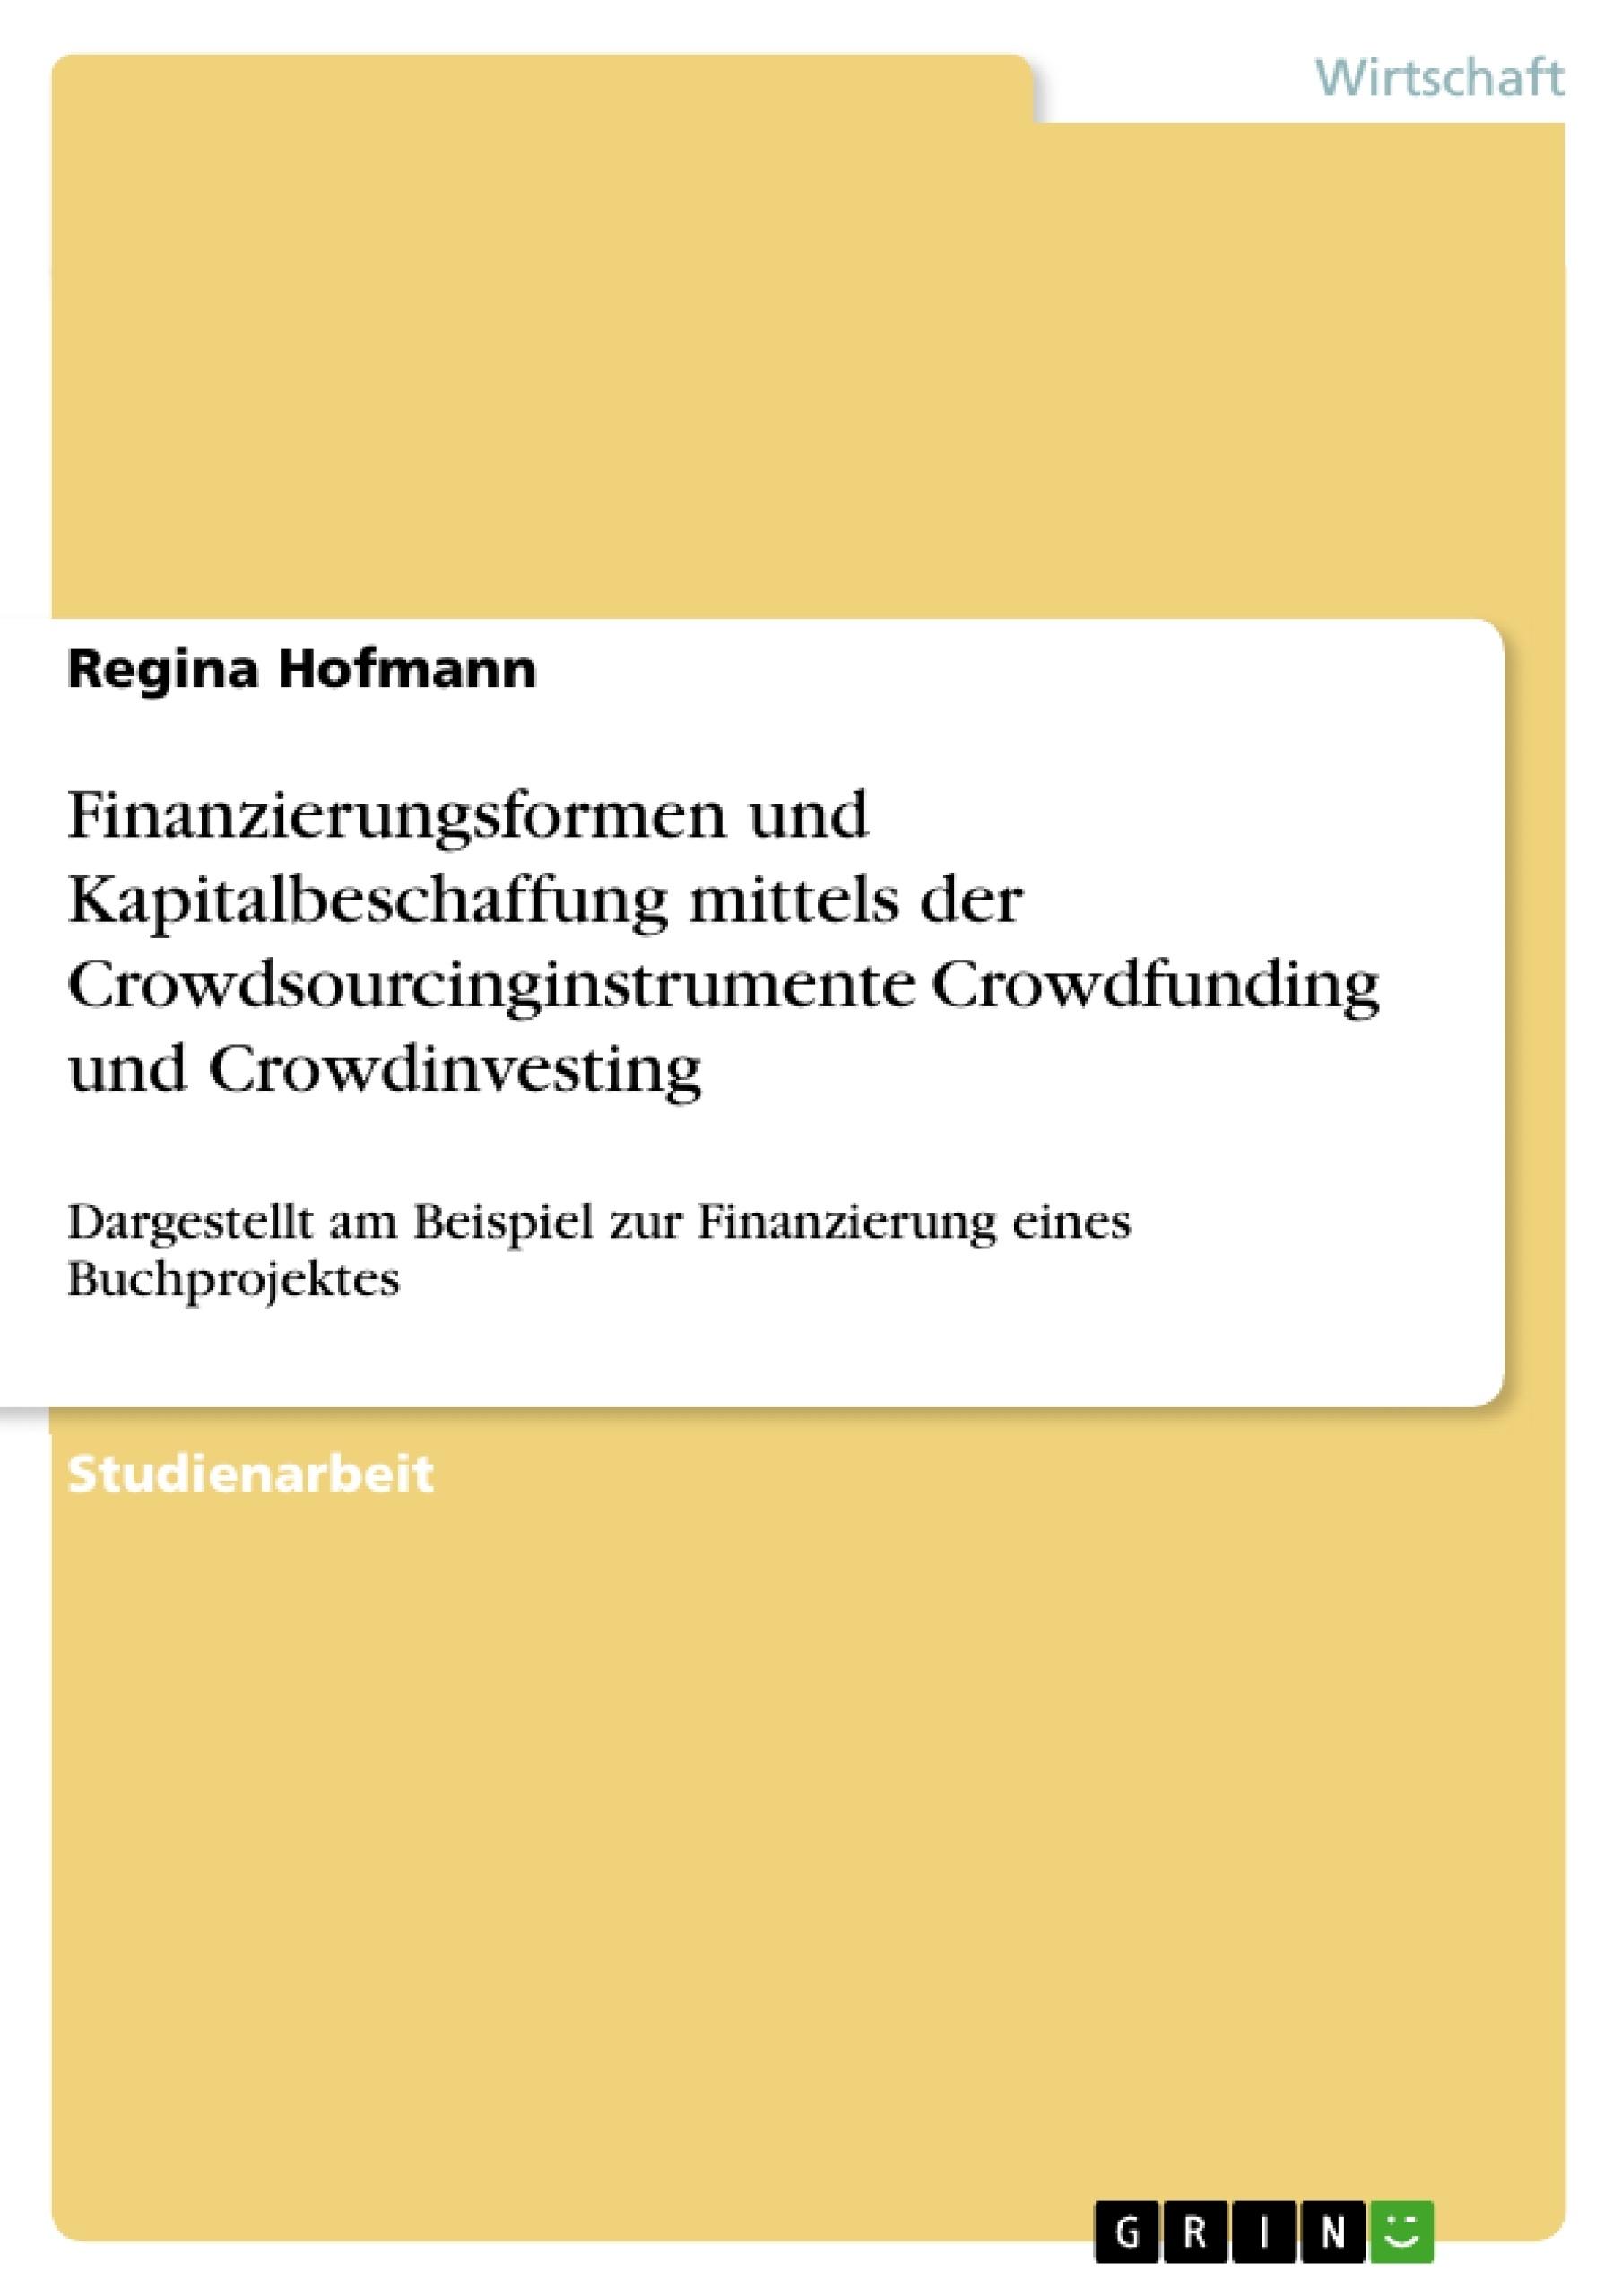 Titel: Finanzierungsformen und Kapitalbeschaffung mittels der Crowdsourcinginstrumente Crowdfunding und Crowdinvesting